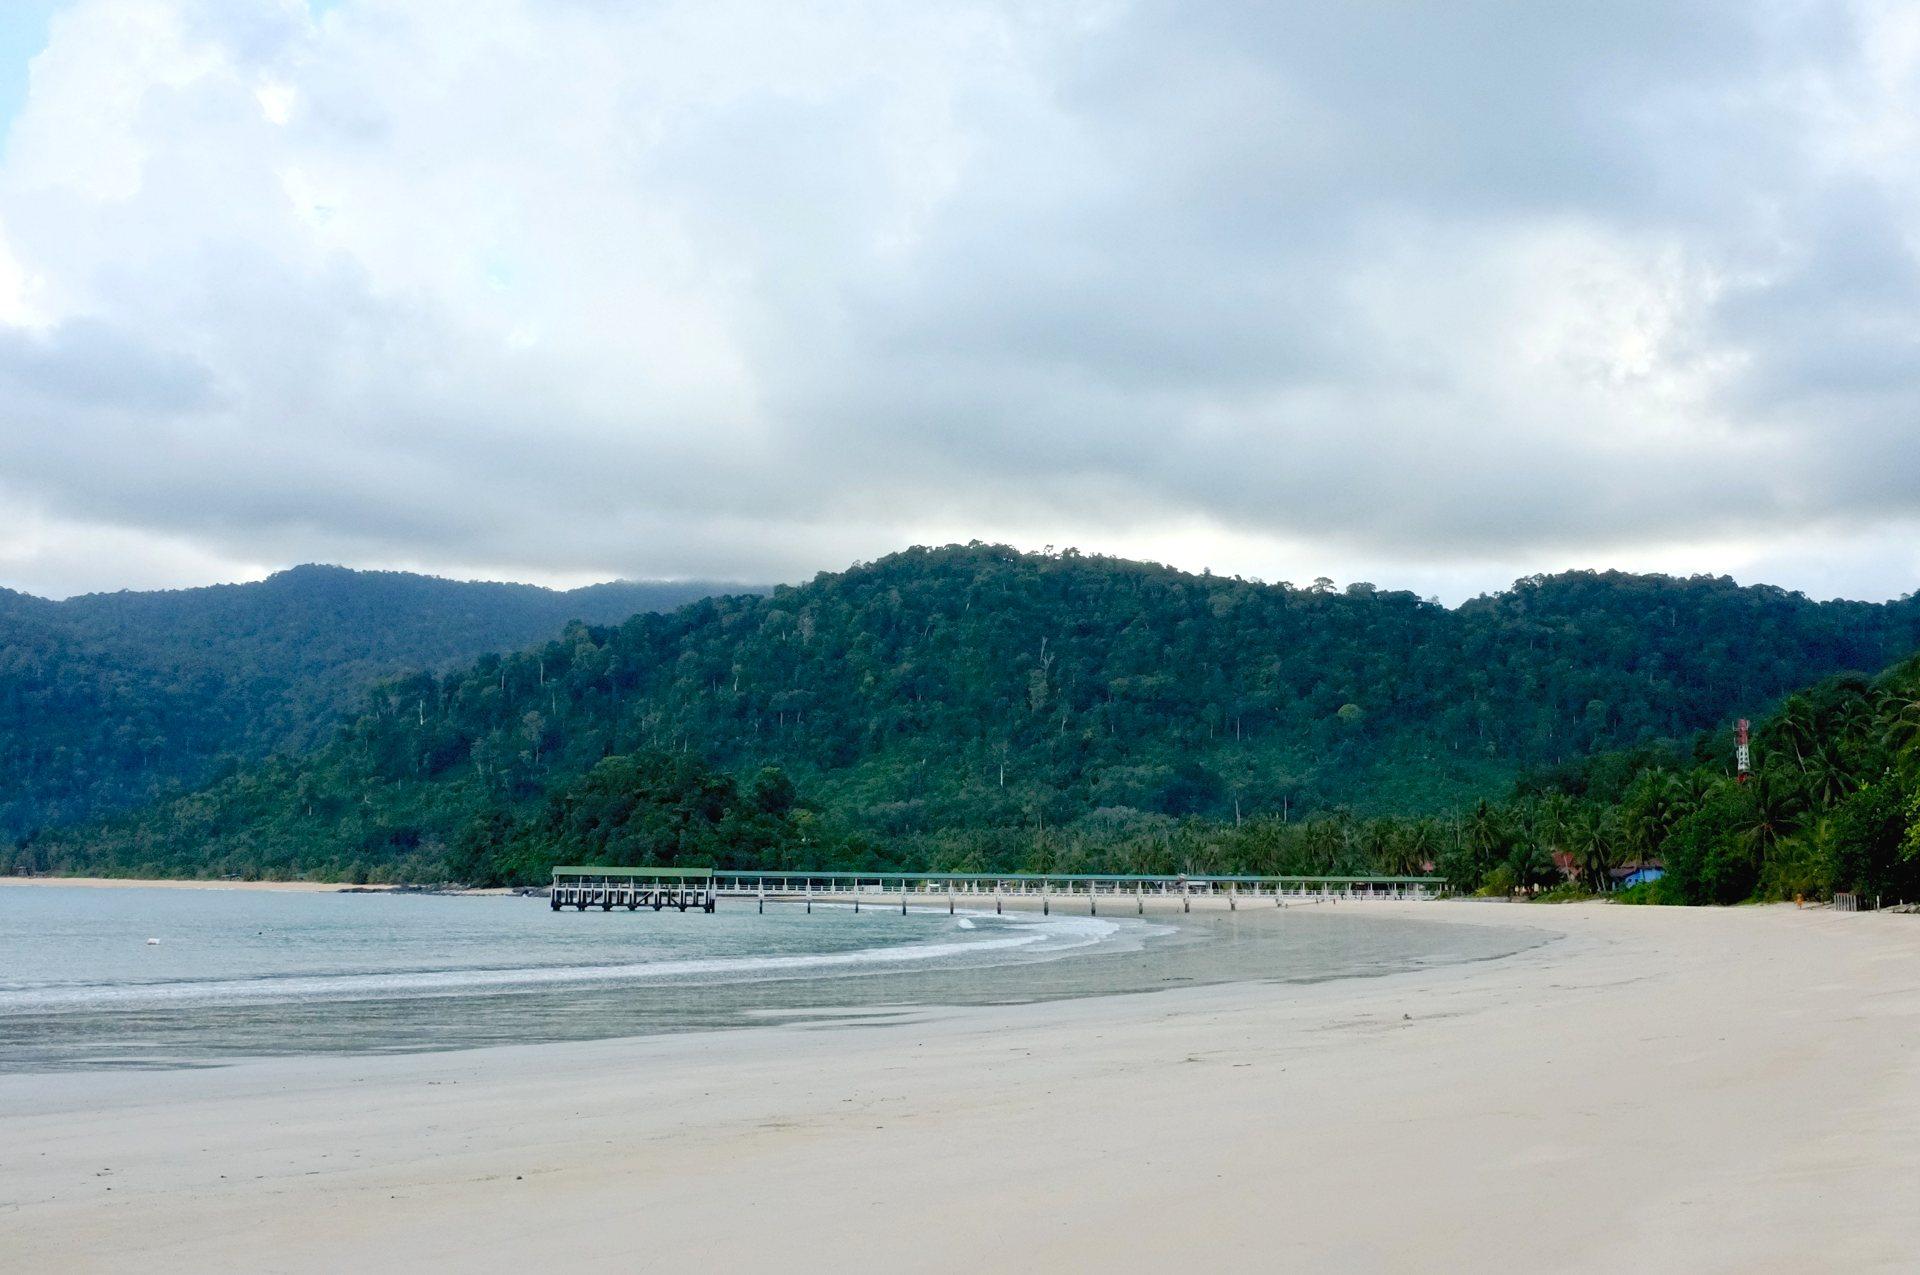 Tioman Juara beach pier